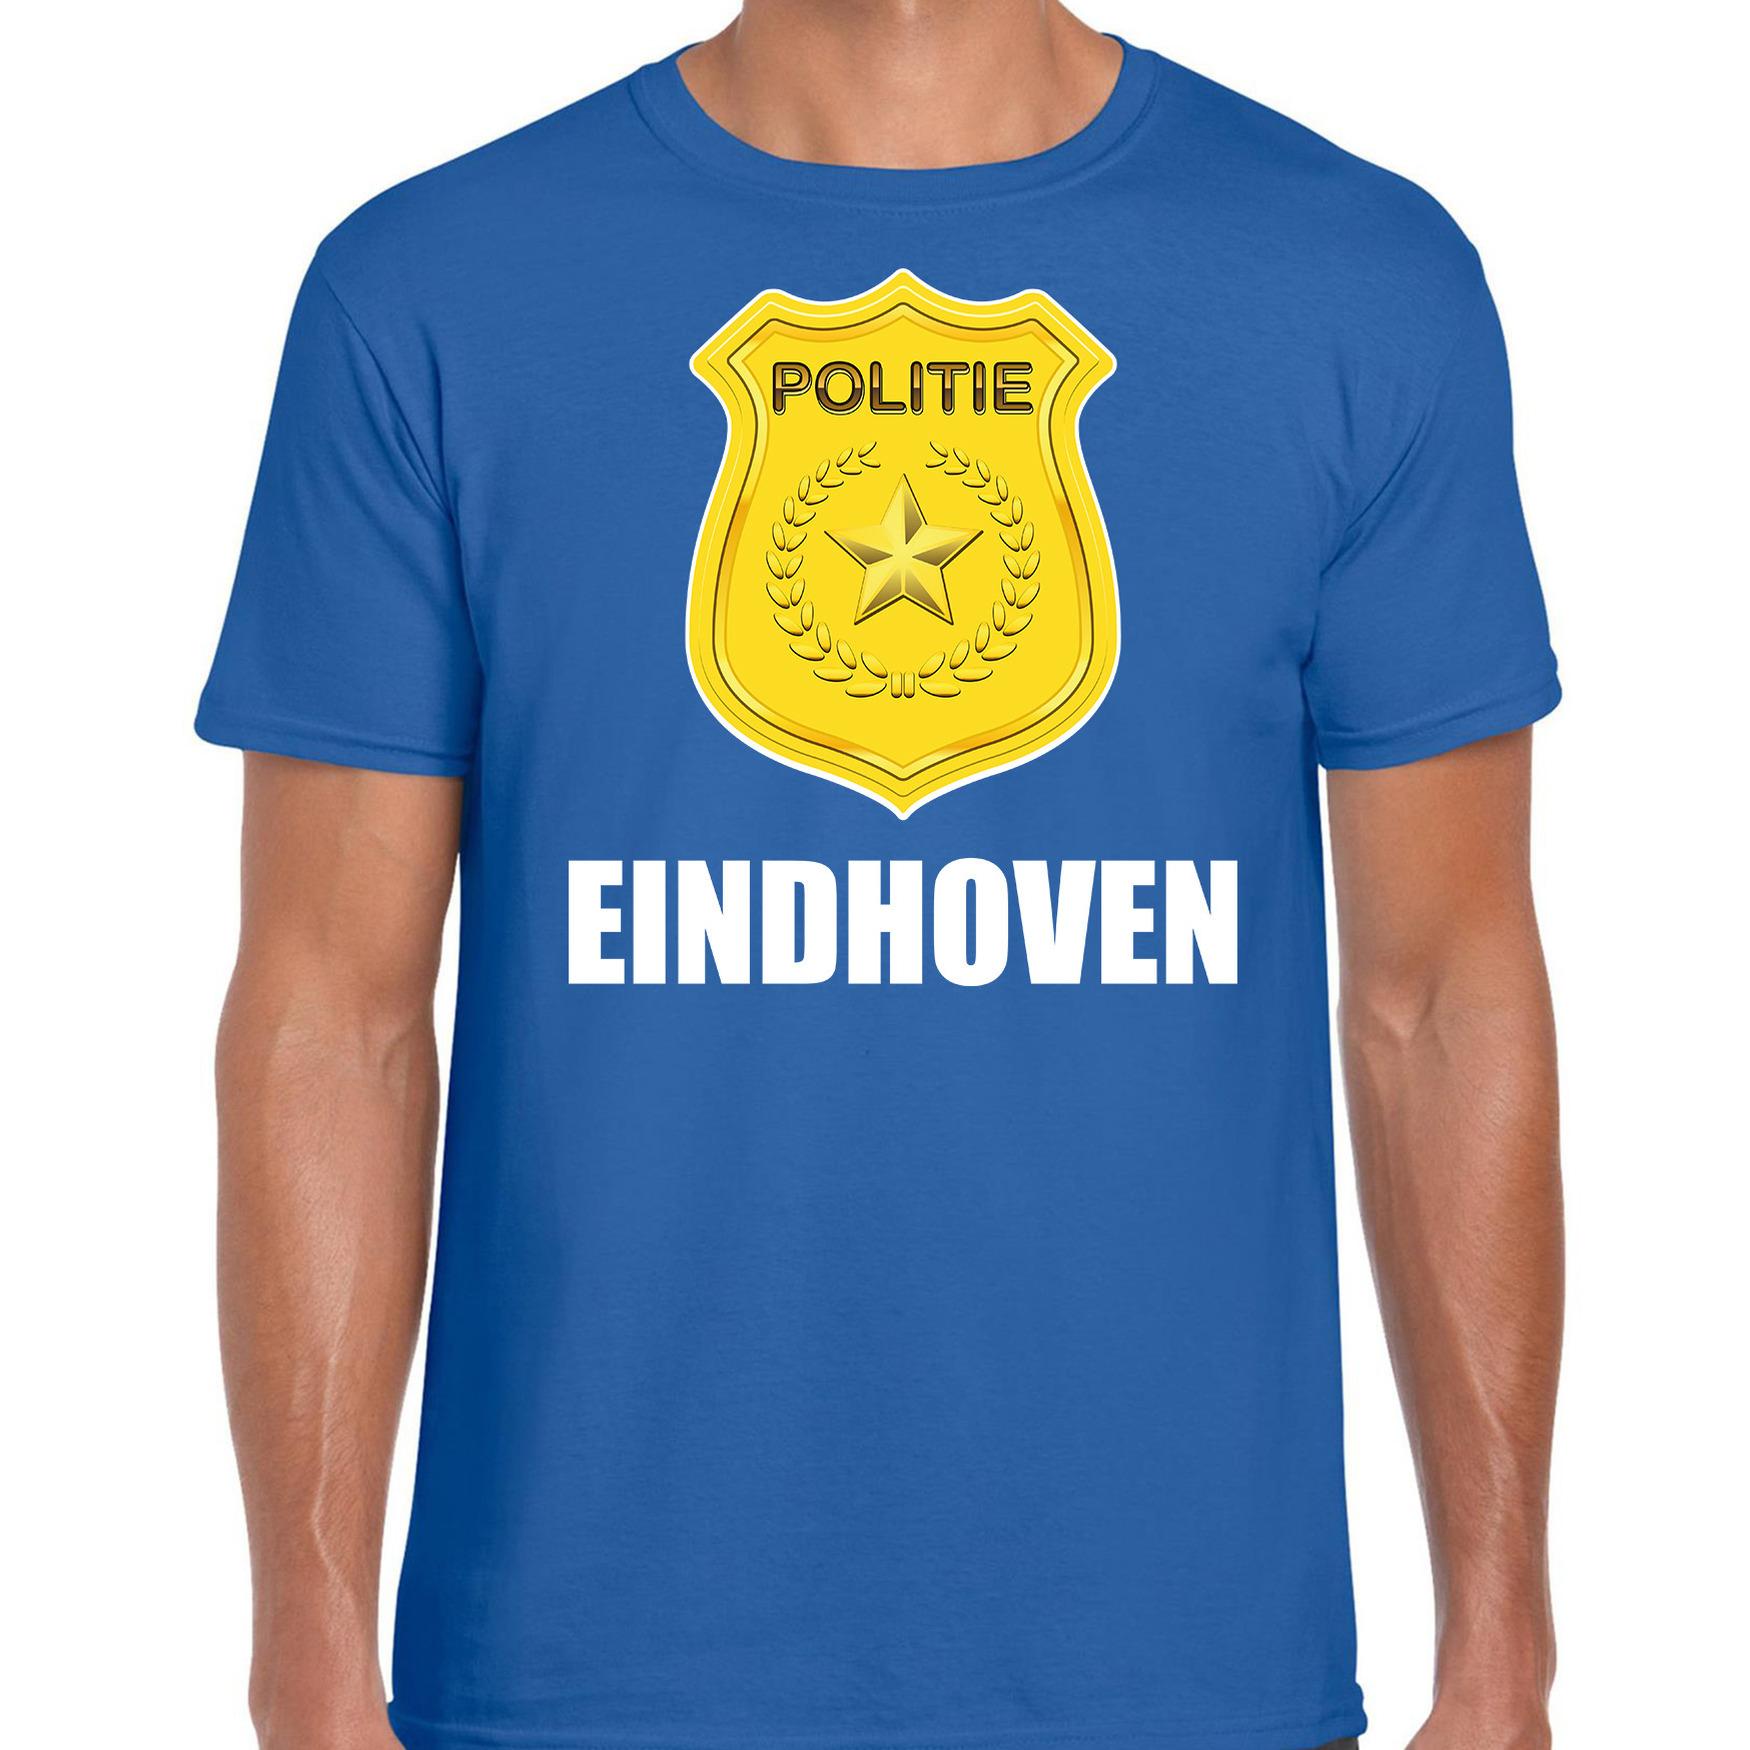 Politie embleem Eindhoven carnaval verkleed t-shirt blauw voor heren